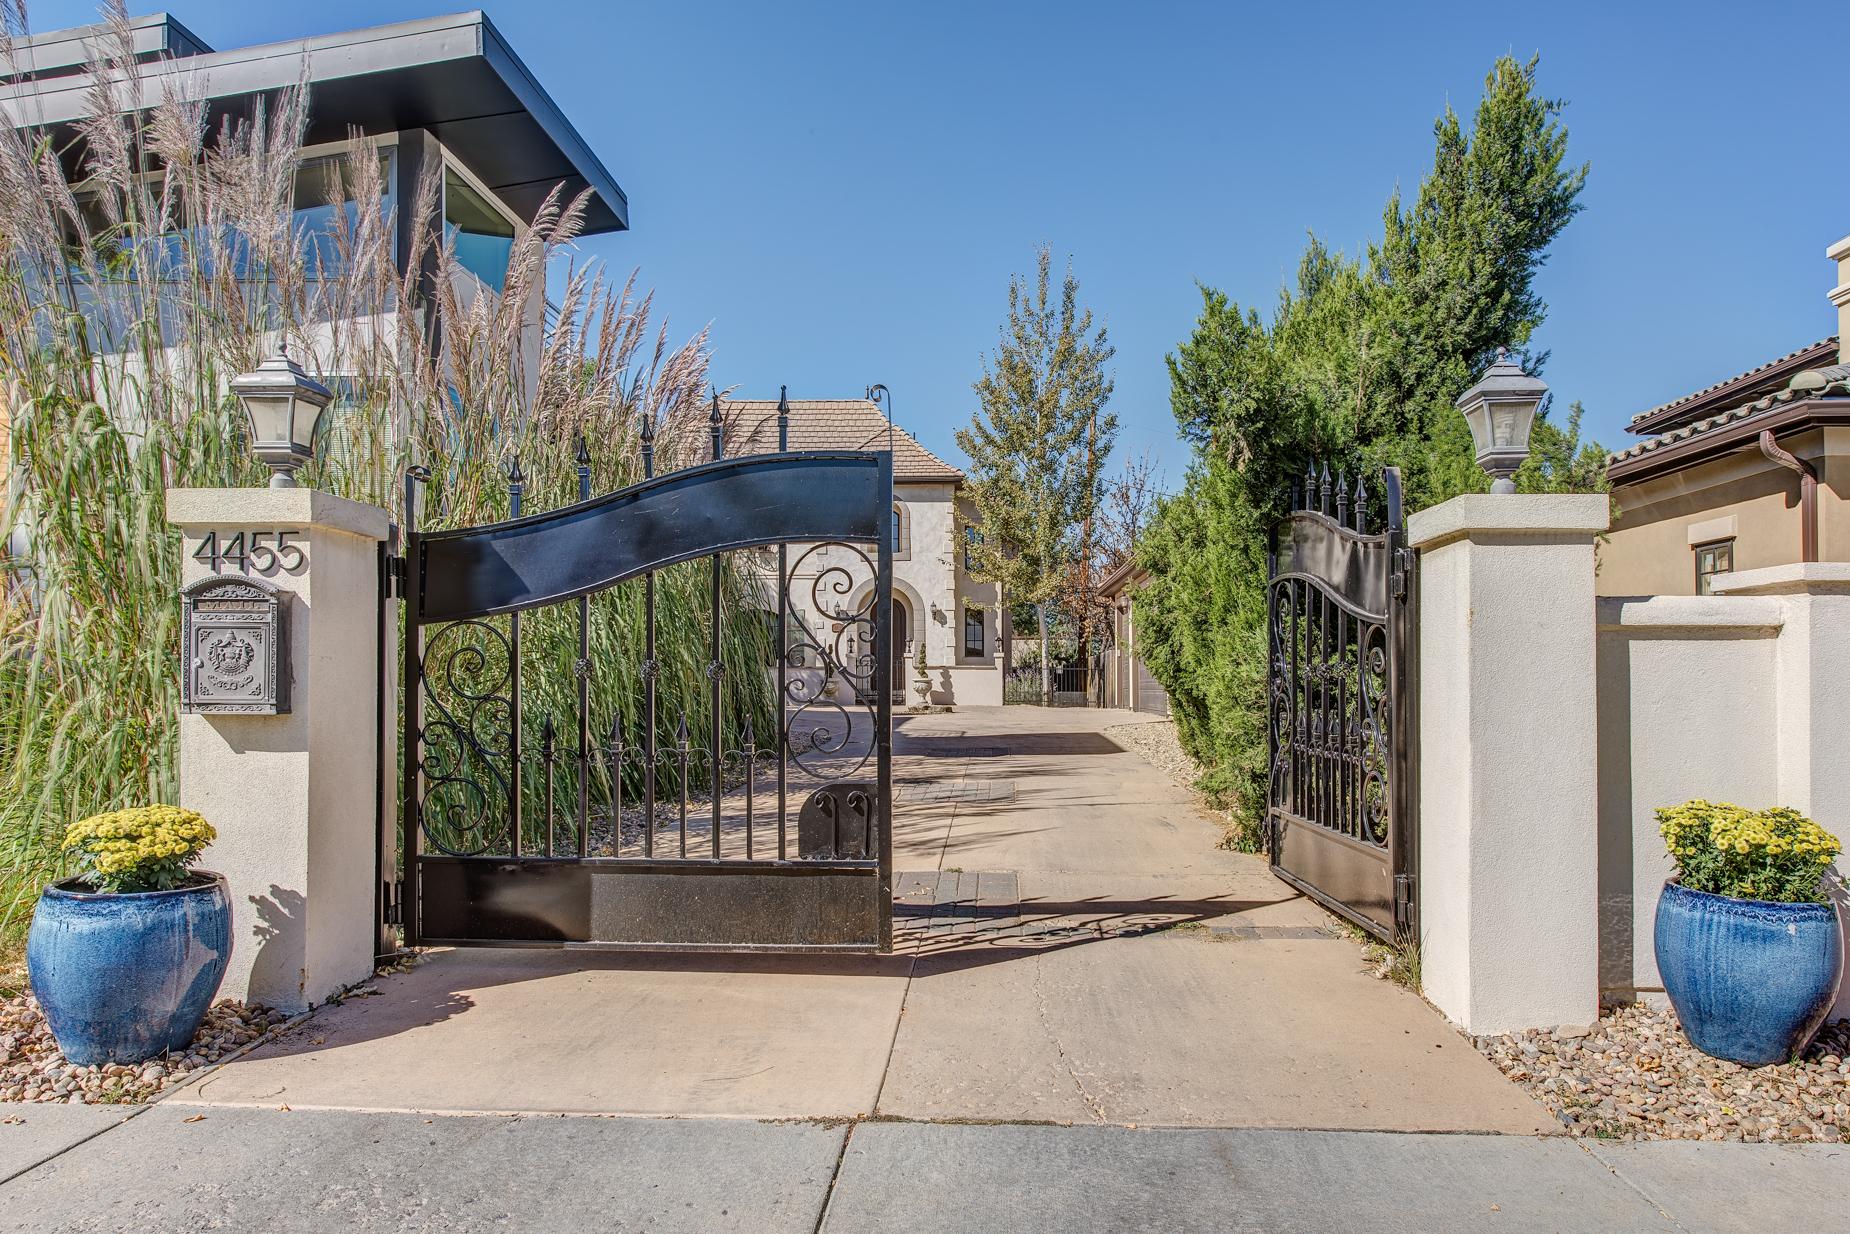 Частный односемейный дом для того Продажа на Old World Charm with Modern Conveniences 4455 Irving Street Berkeley, Denver, Колорадо, 80211 Соединенные Штаты